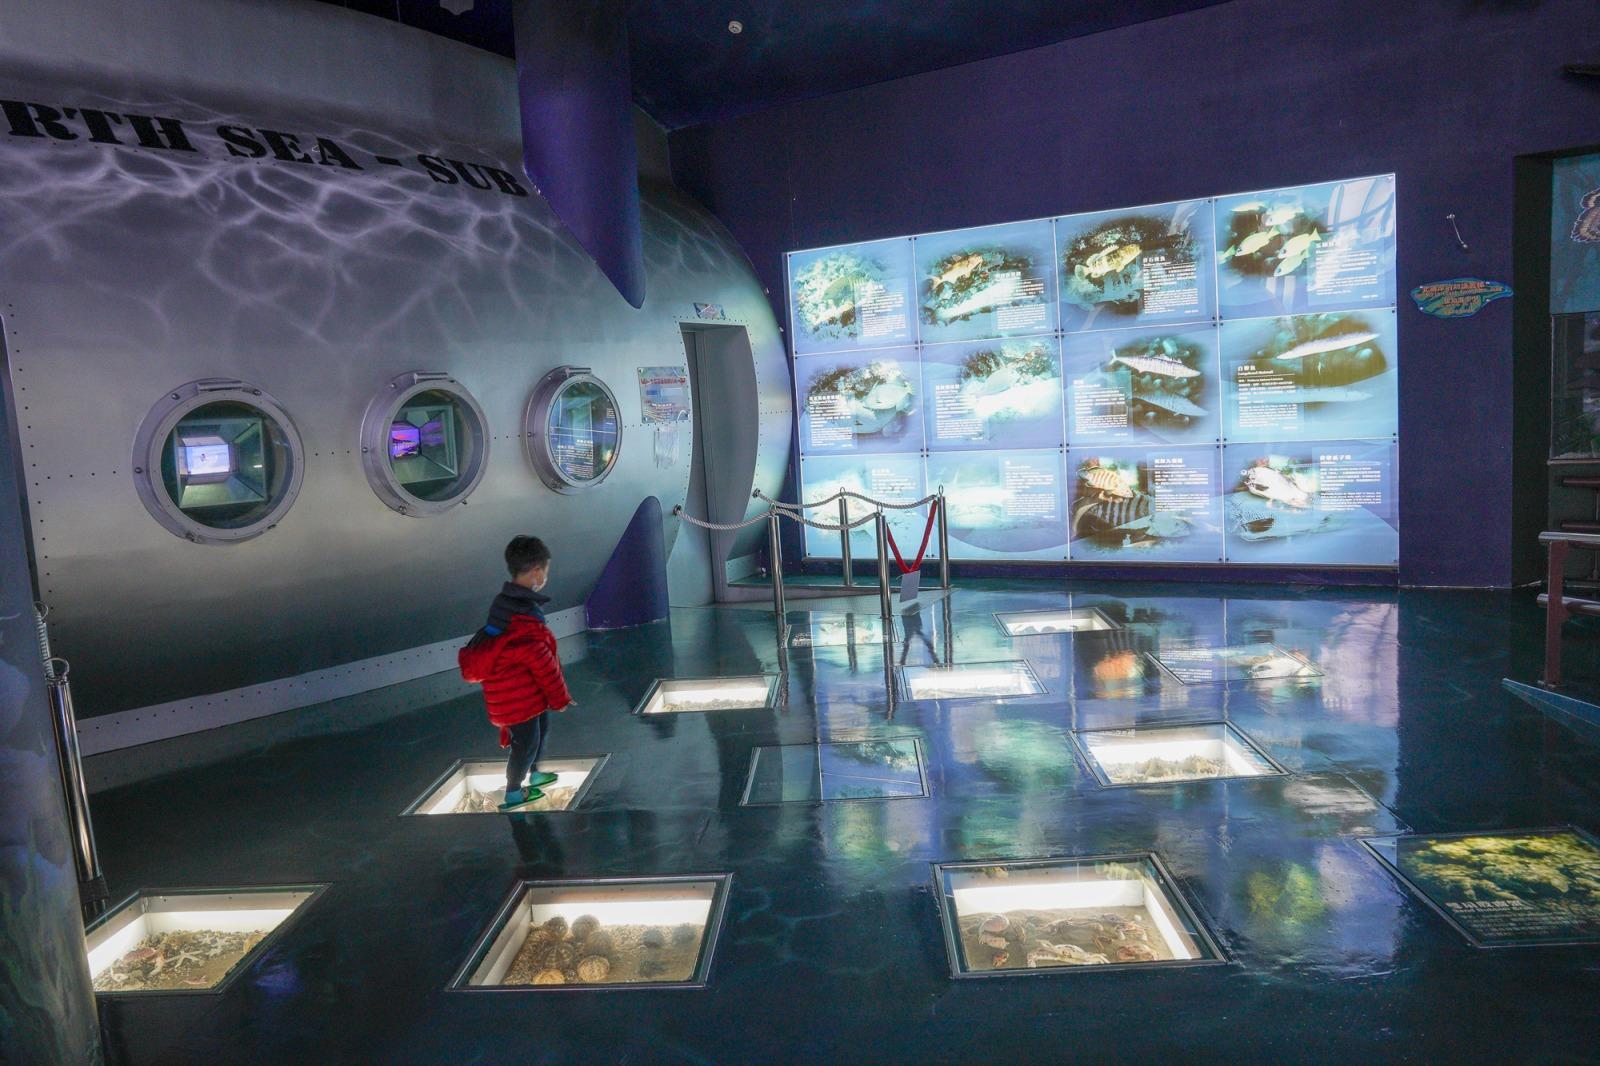 新北親子景點》北海岸遊憩探索館.白沙灣旁的隱藏室內景點,以北海岸為主題互動式場館